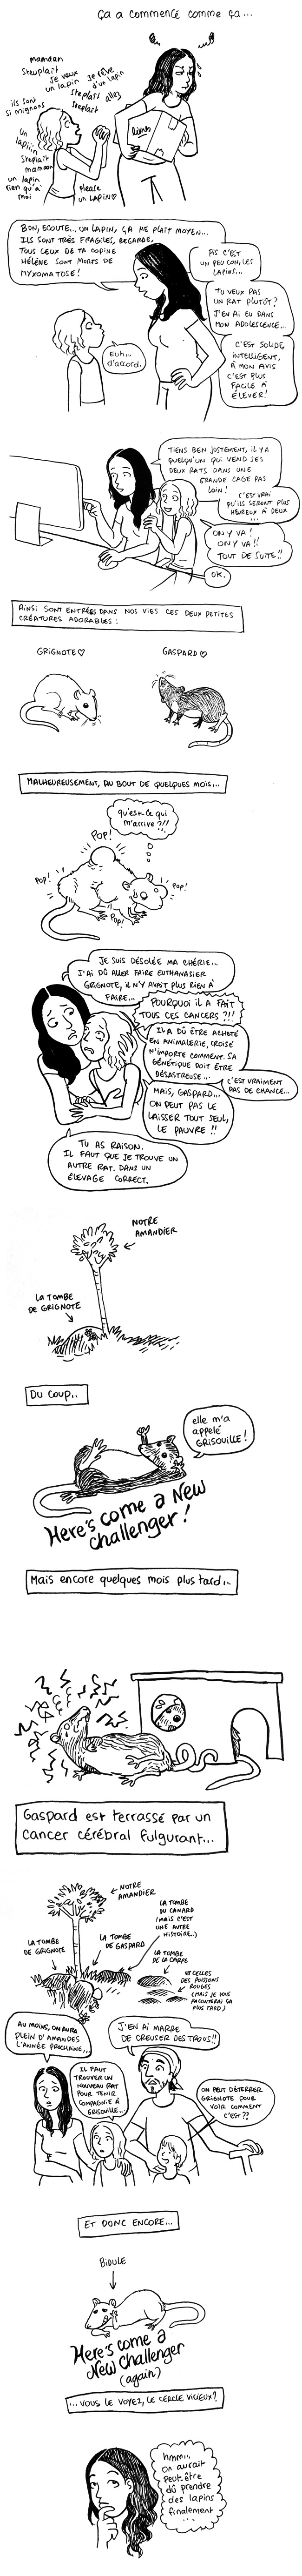 http://melaka.free.fr/blog/rats.jpg